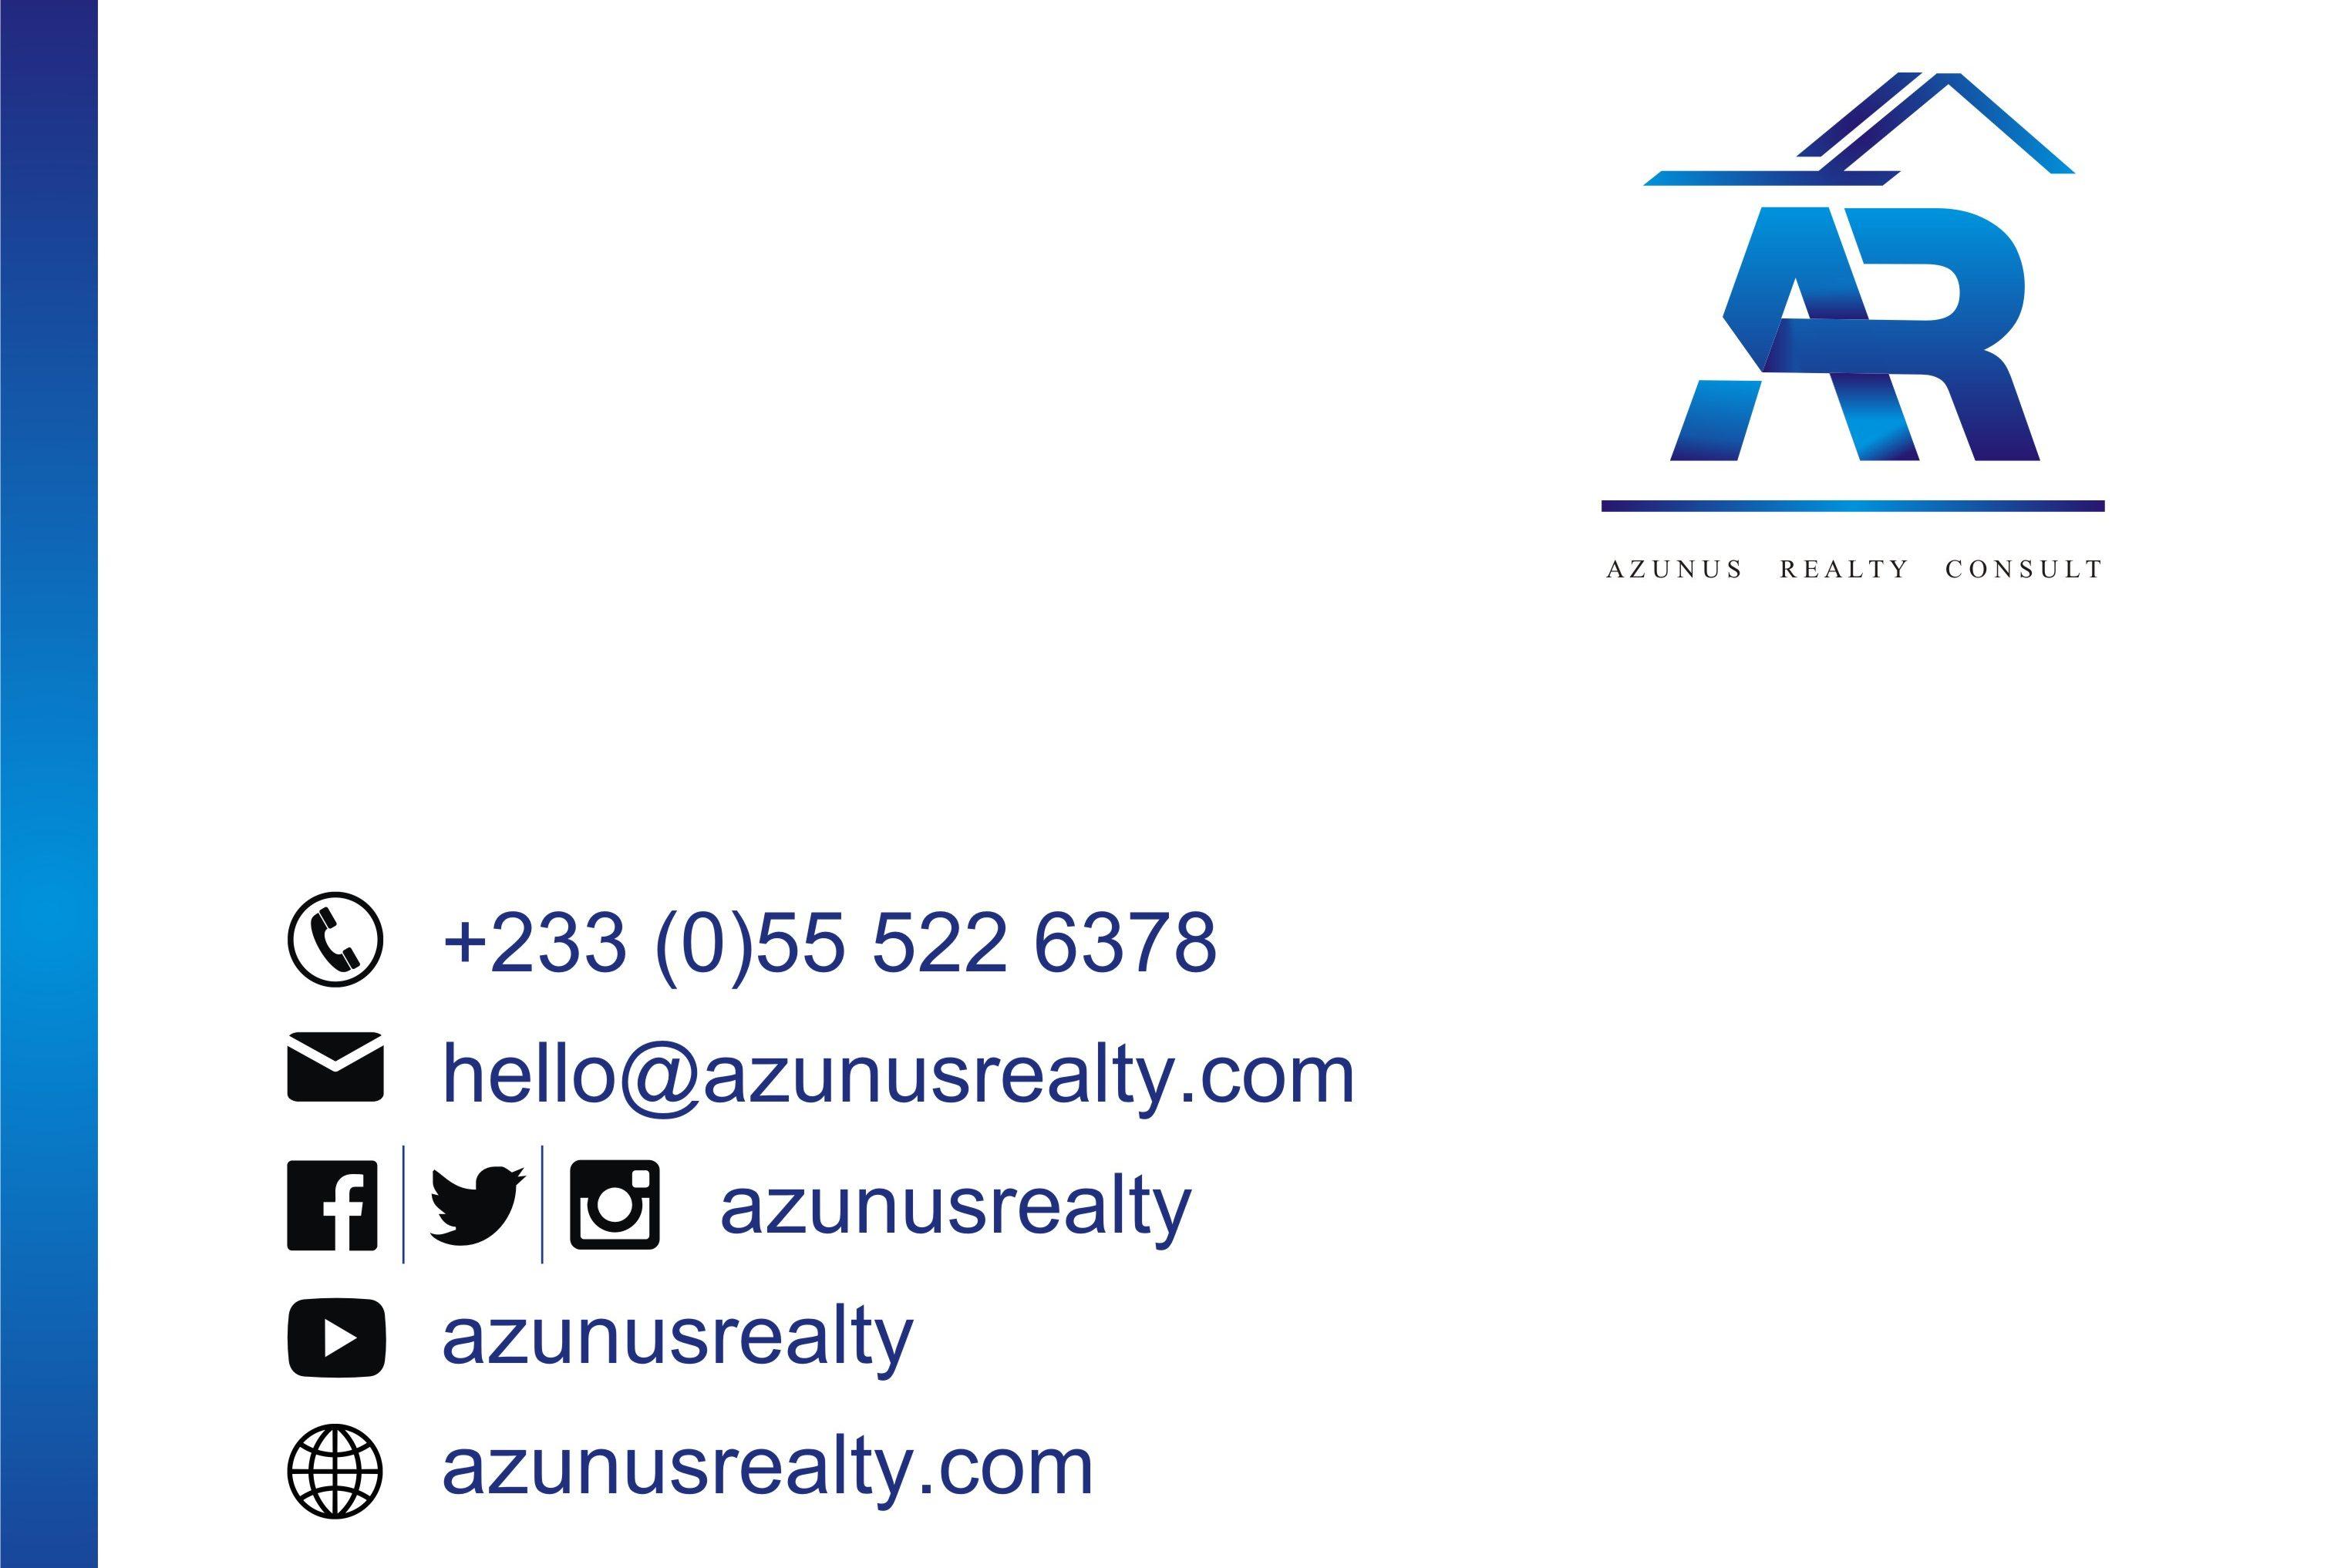 Azunus Realty Consult Ad